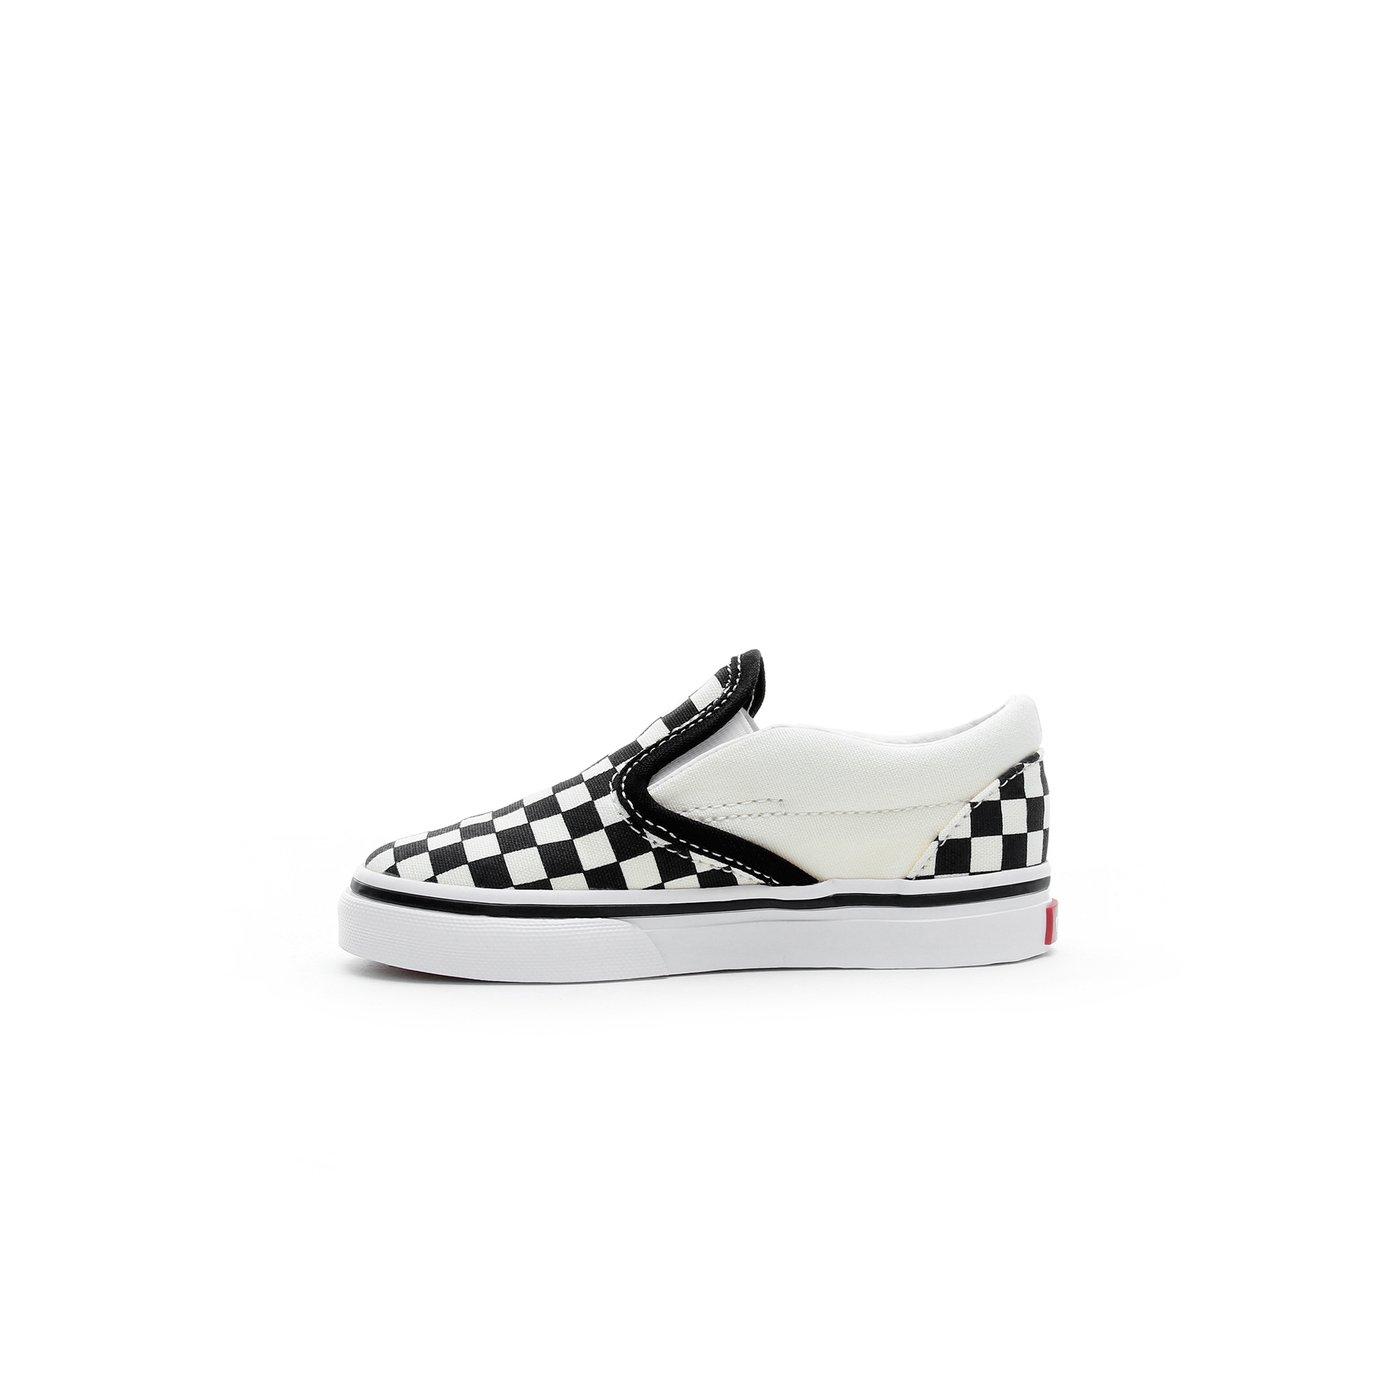 Vans Classic Slip-On Bebek Bej-Siyah Sneaker